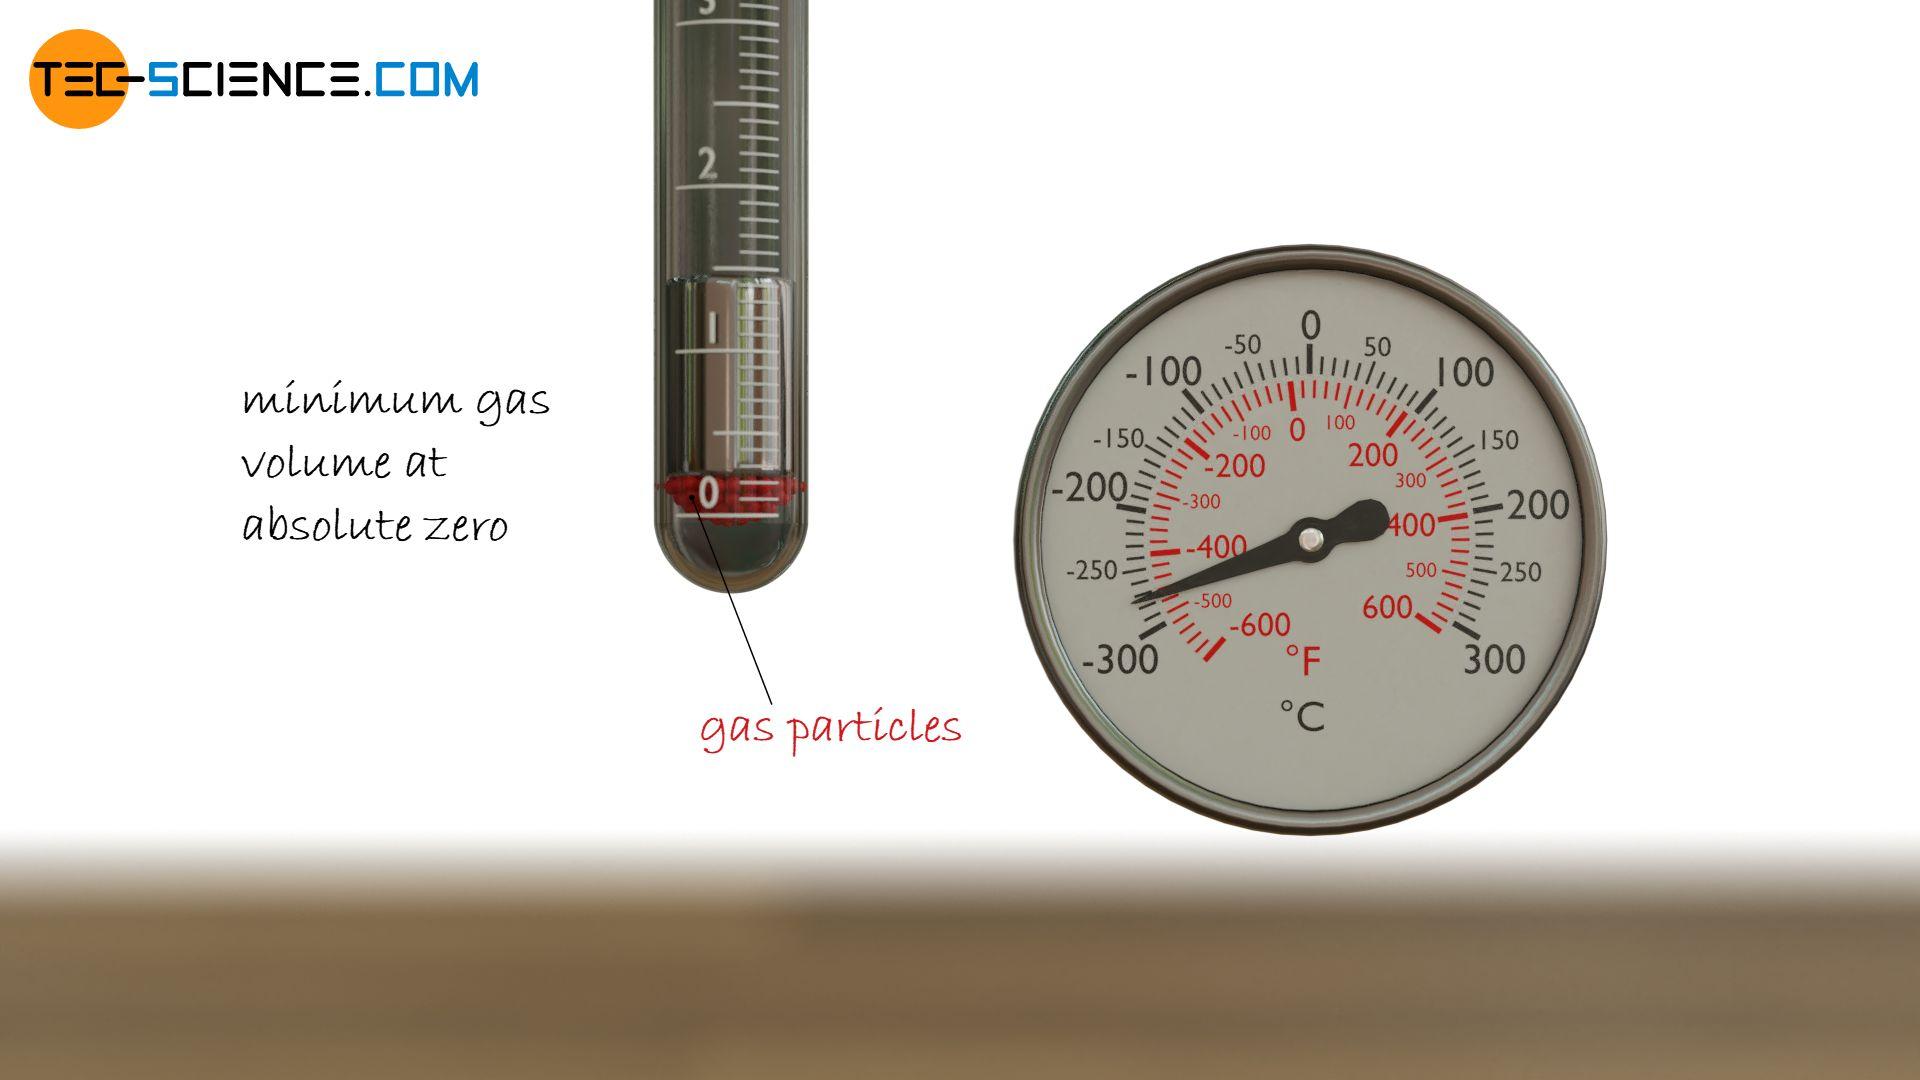 Minimum gas volume at absolute zero (schematic)